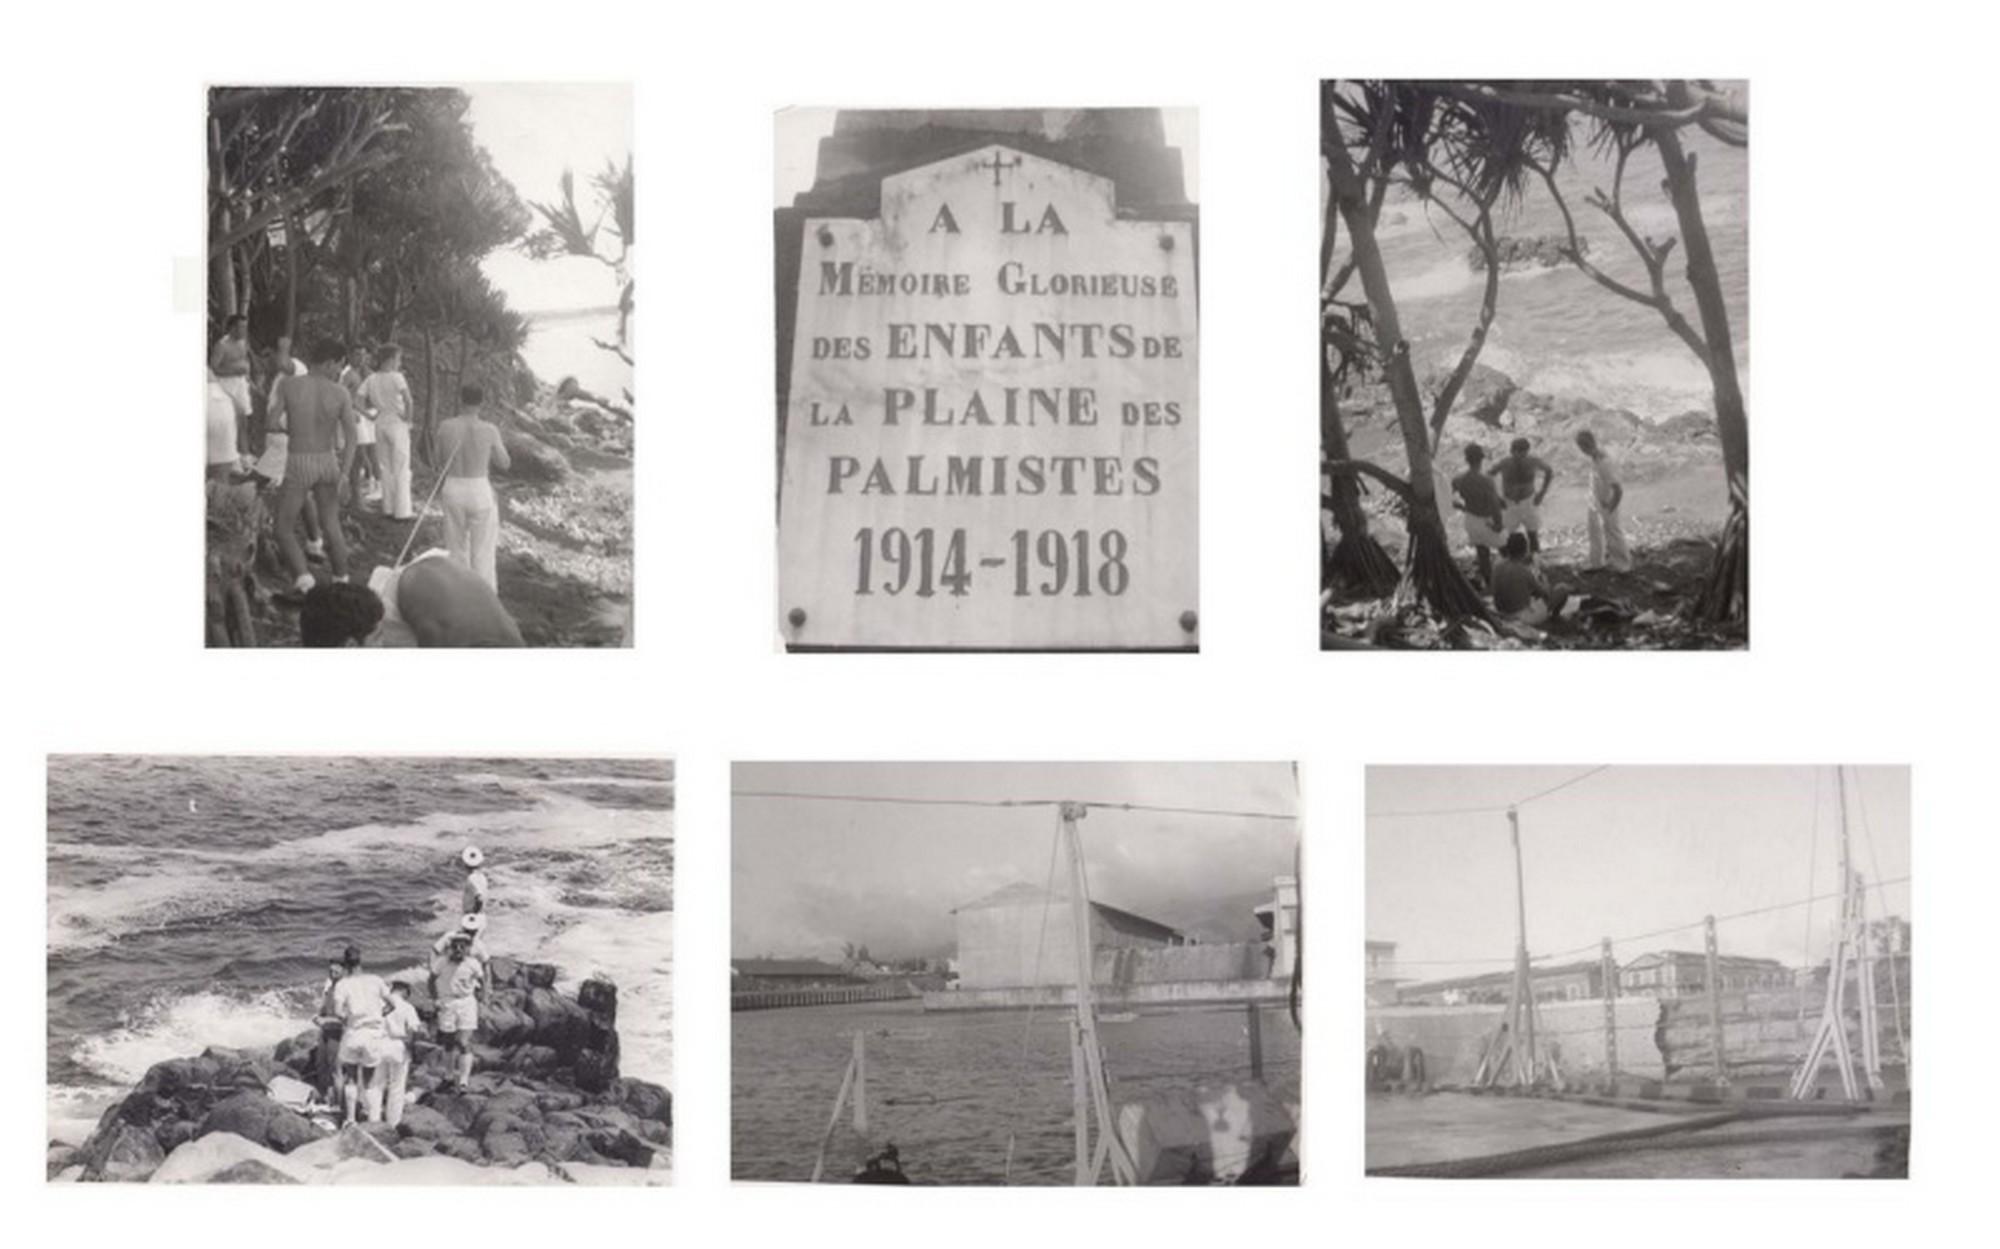 [ Campagnes ] [ Divers ] MADAGASCAR - LA RÉUNION - LES COMORES LE CAP D'AMBRE - Page 4 650273ddl1912